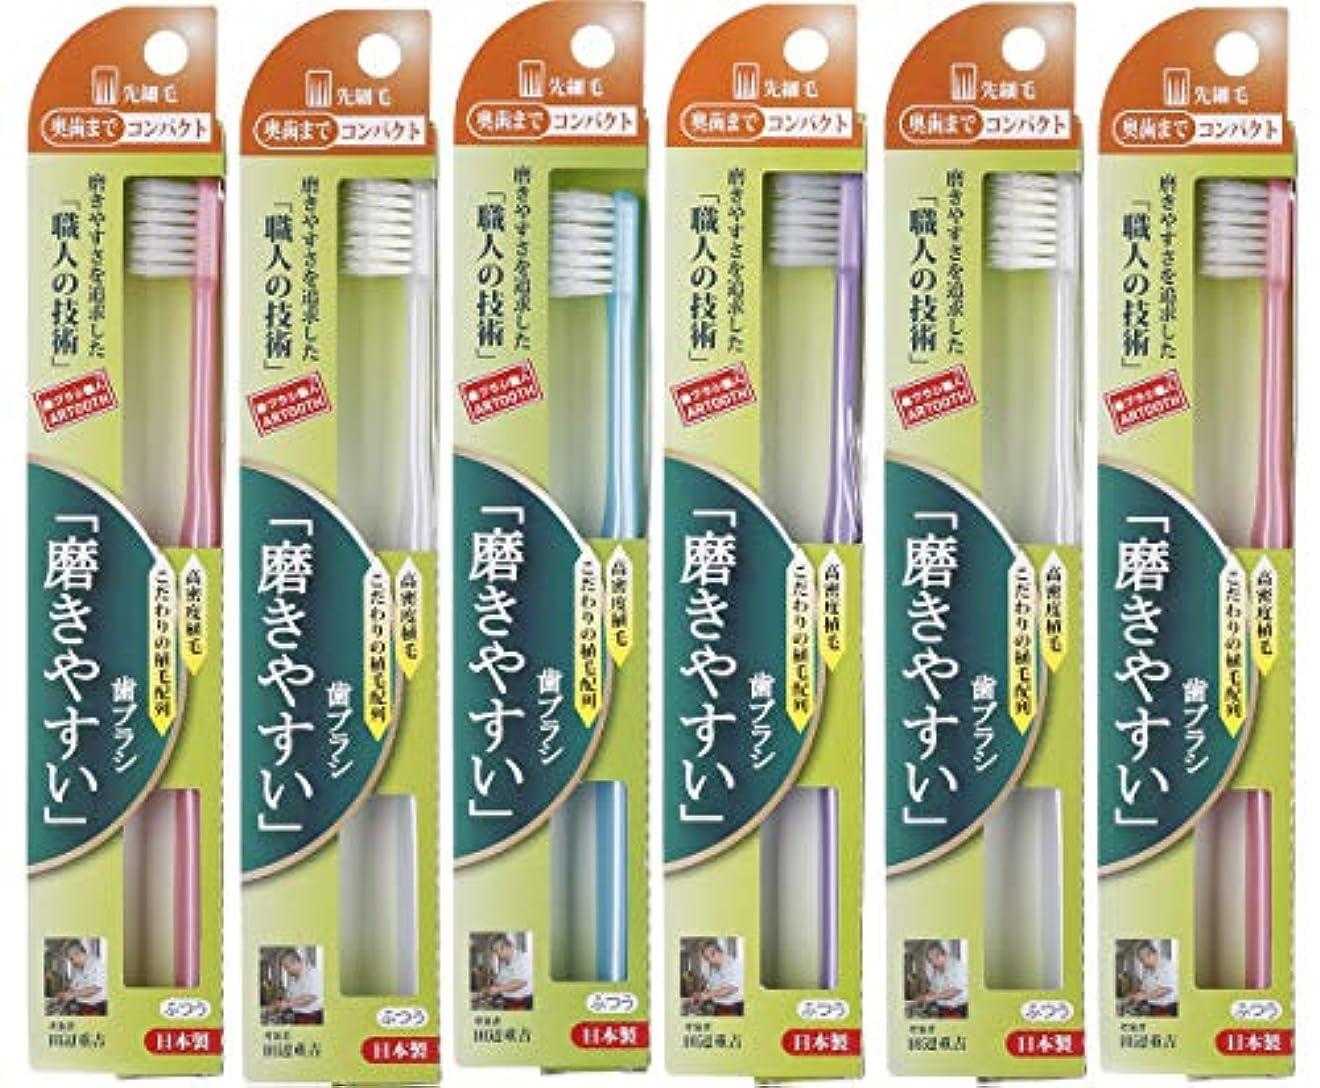 一次サイバースペース周術期歯ブラシ職人 Artooth® 田辺重吉 日本製 磨きやすい歯ブラシ 奥歯まで先細毛SLT-12 (6本入)